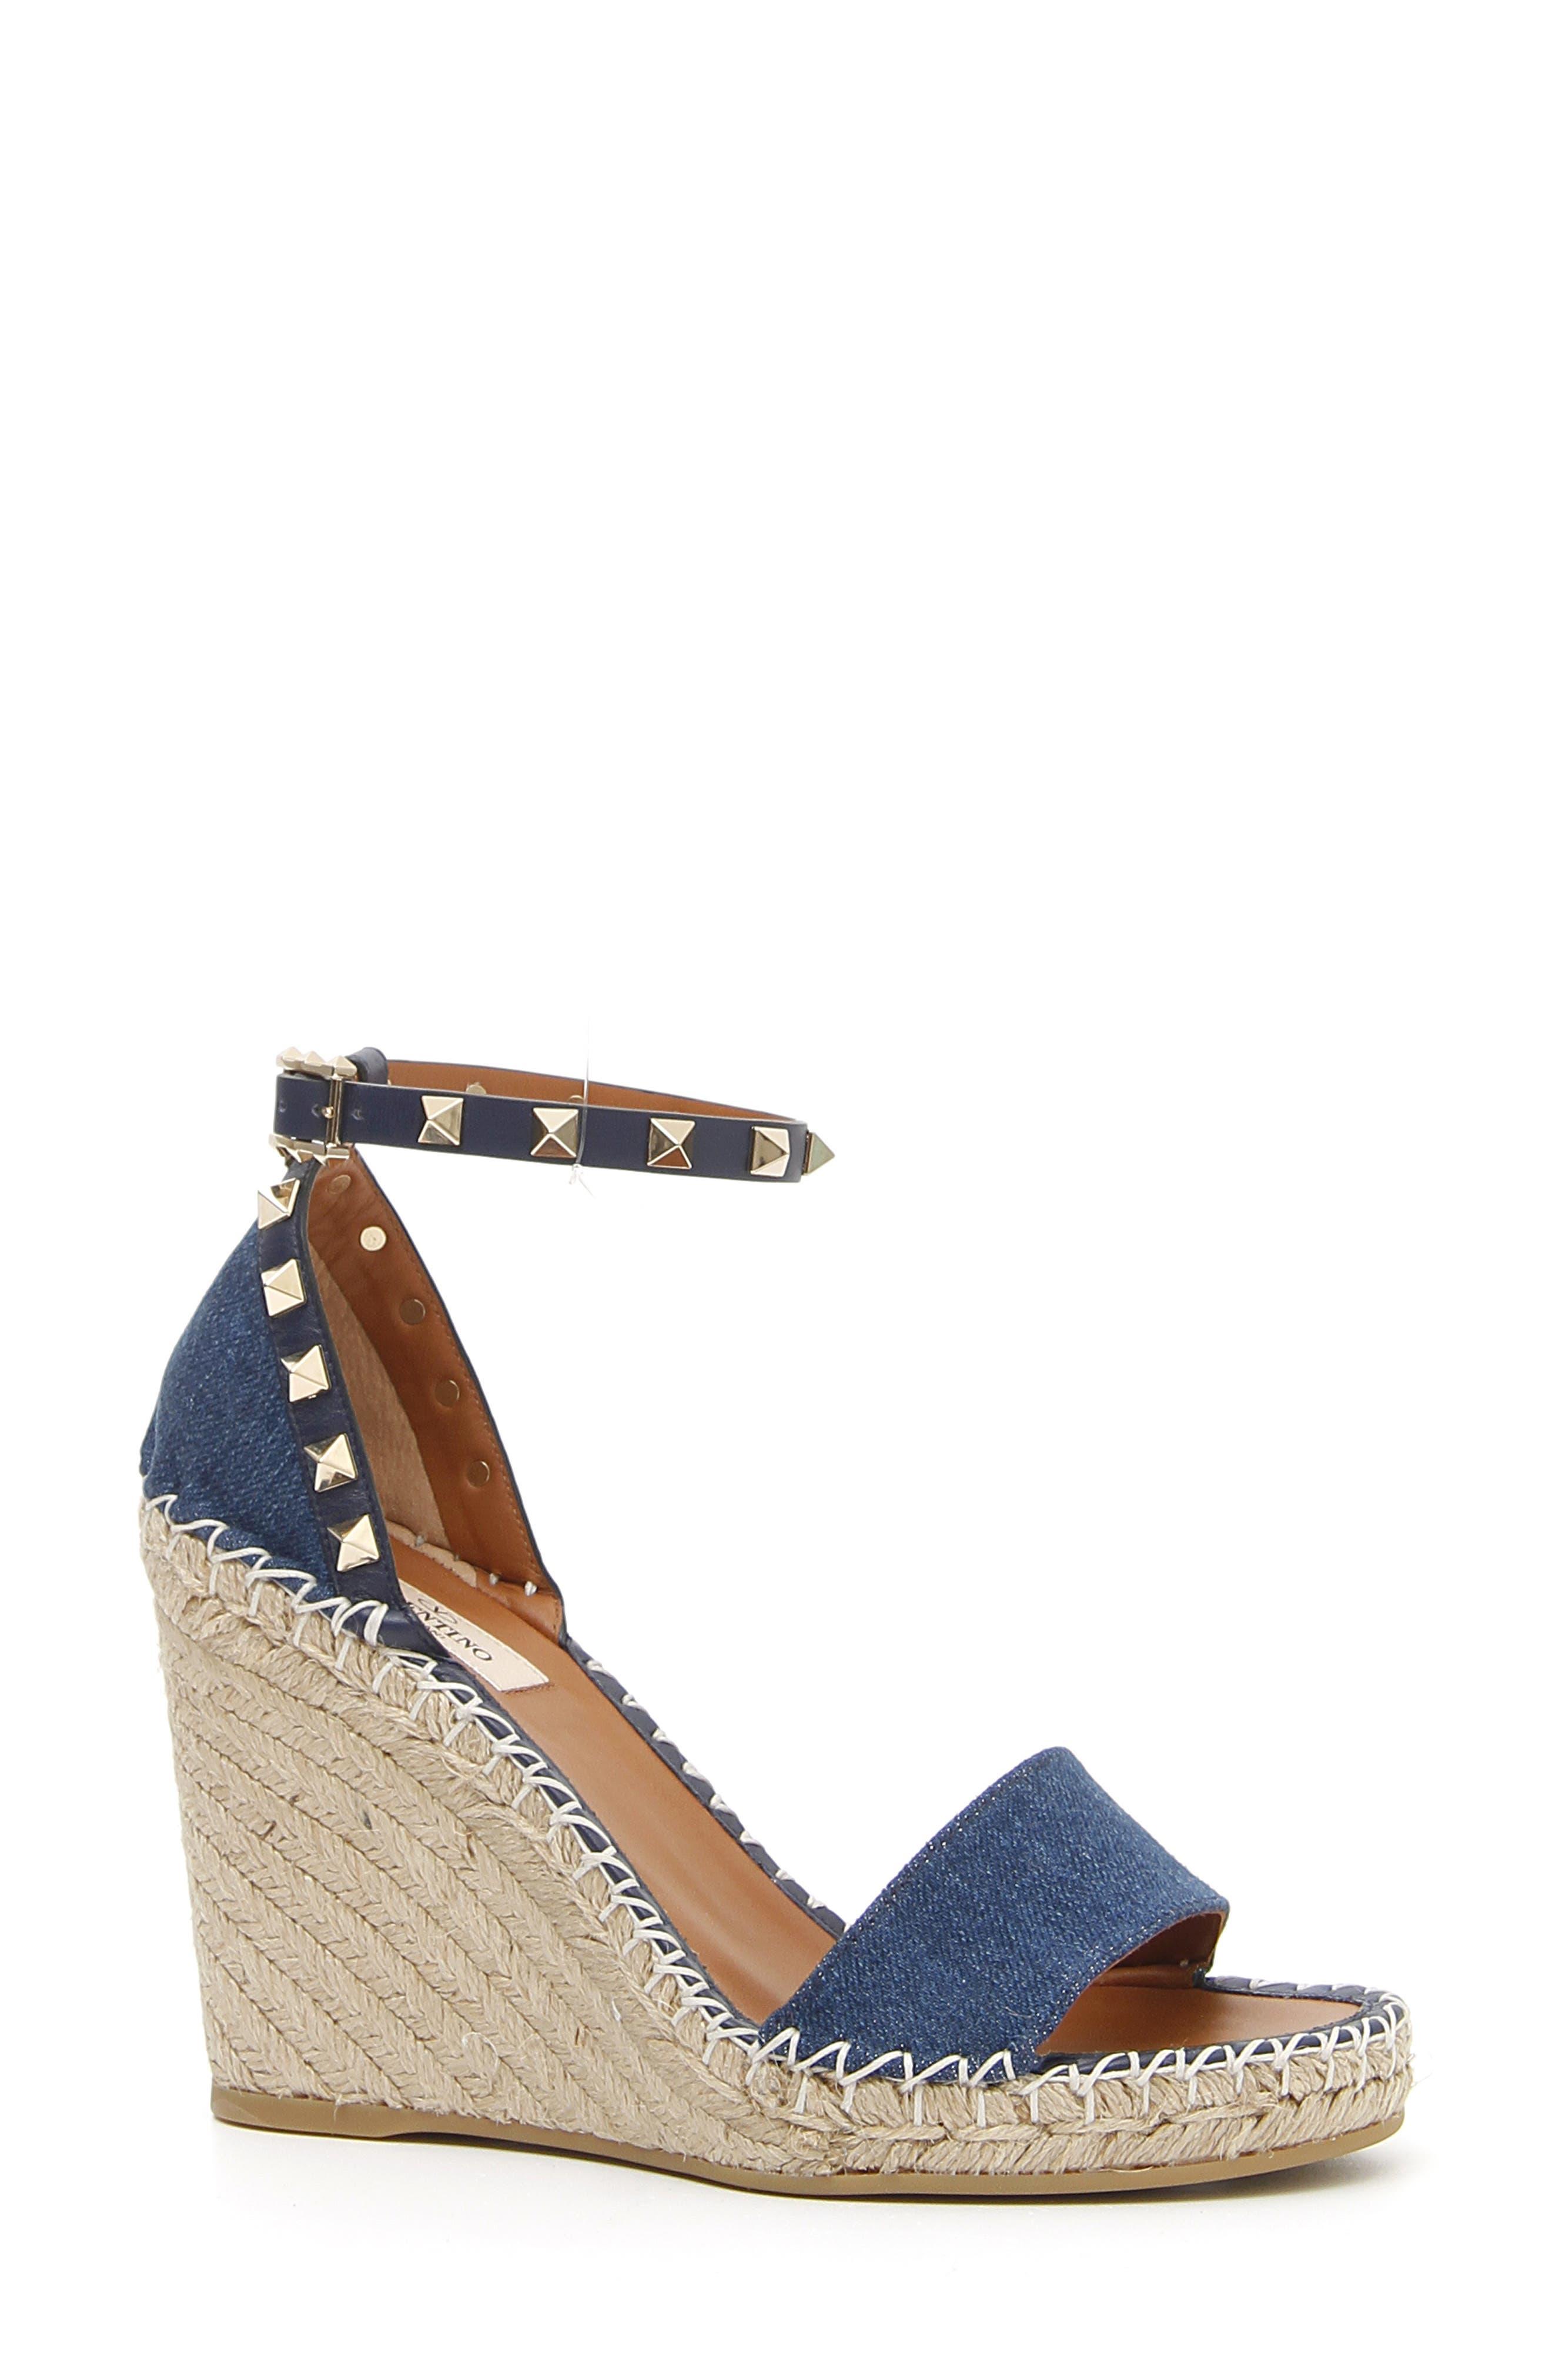 Rockstud Denim Espadrille Wedge Sandals in Denim Blue